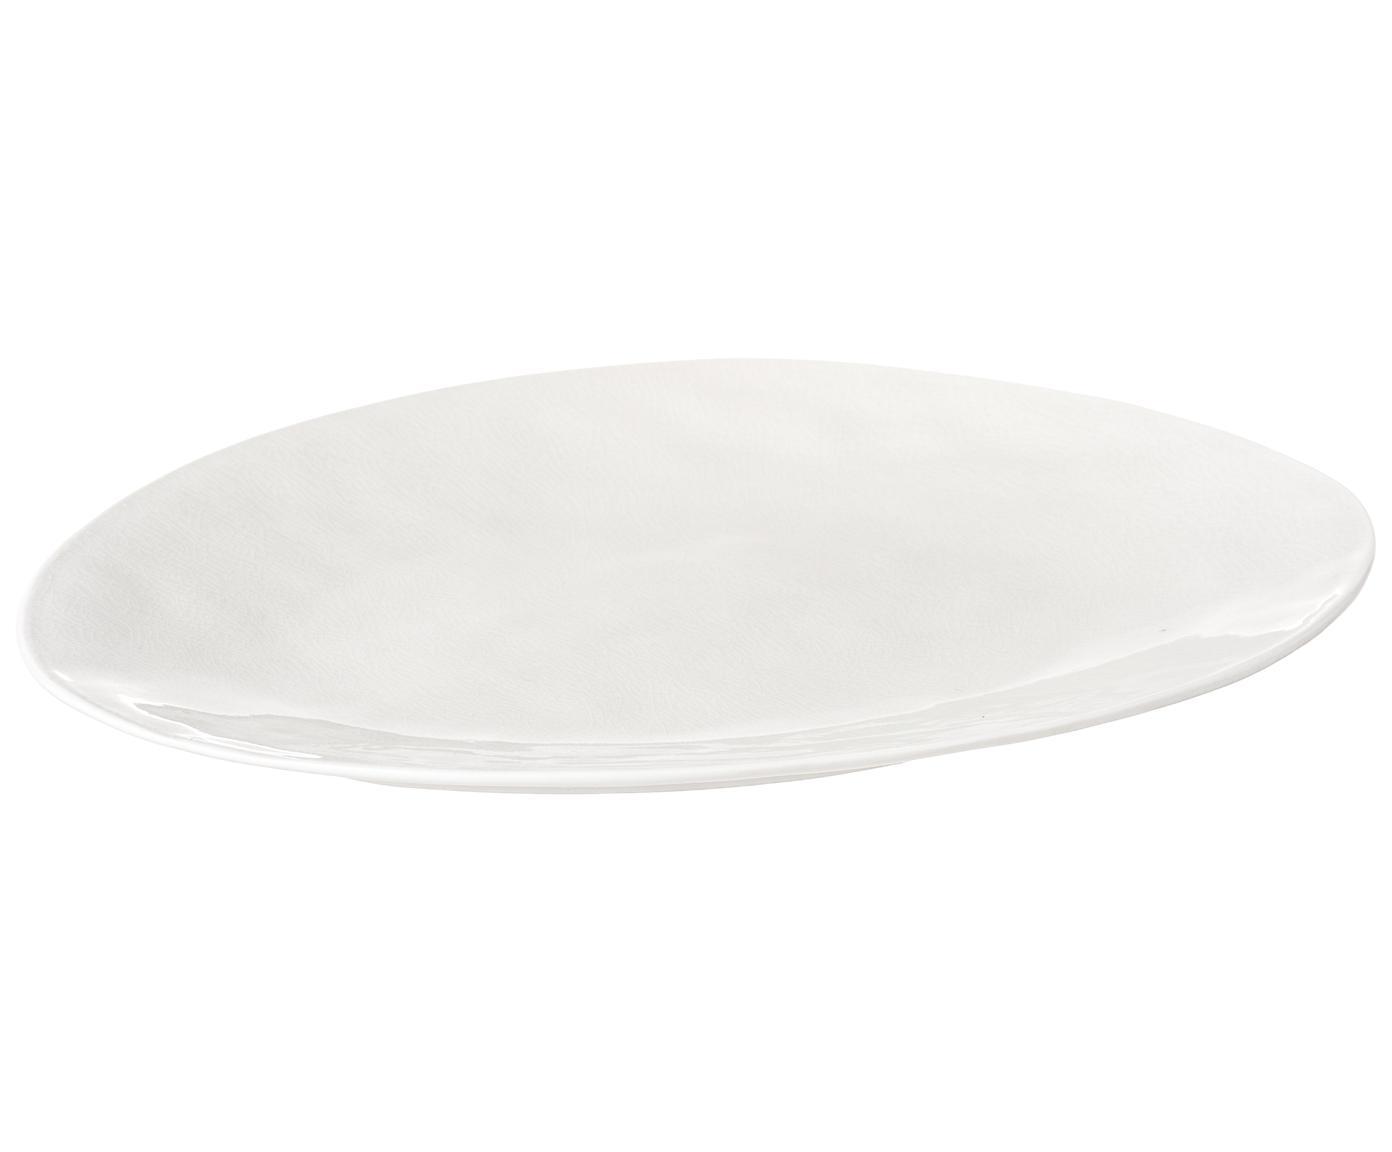 Porzellan-Servierplatte à la Maison in Creme, Porzellan, Creme, 28 x 34 cm